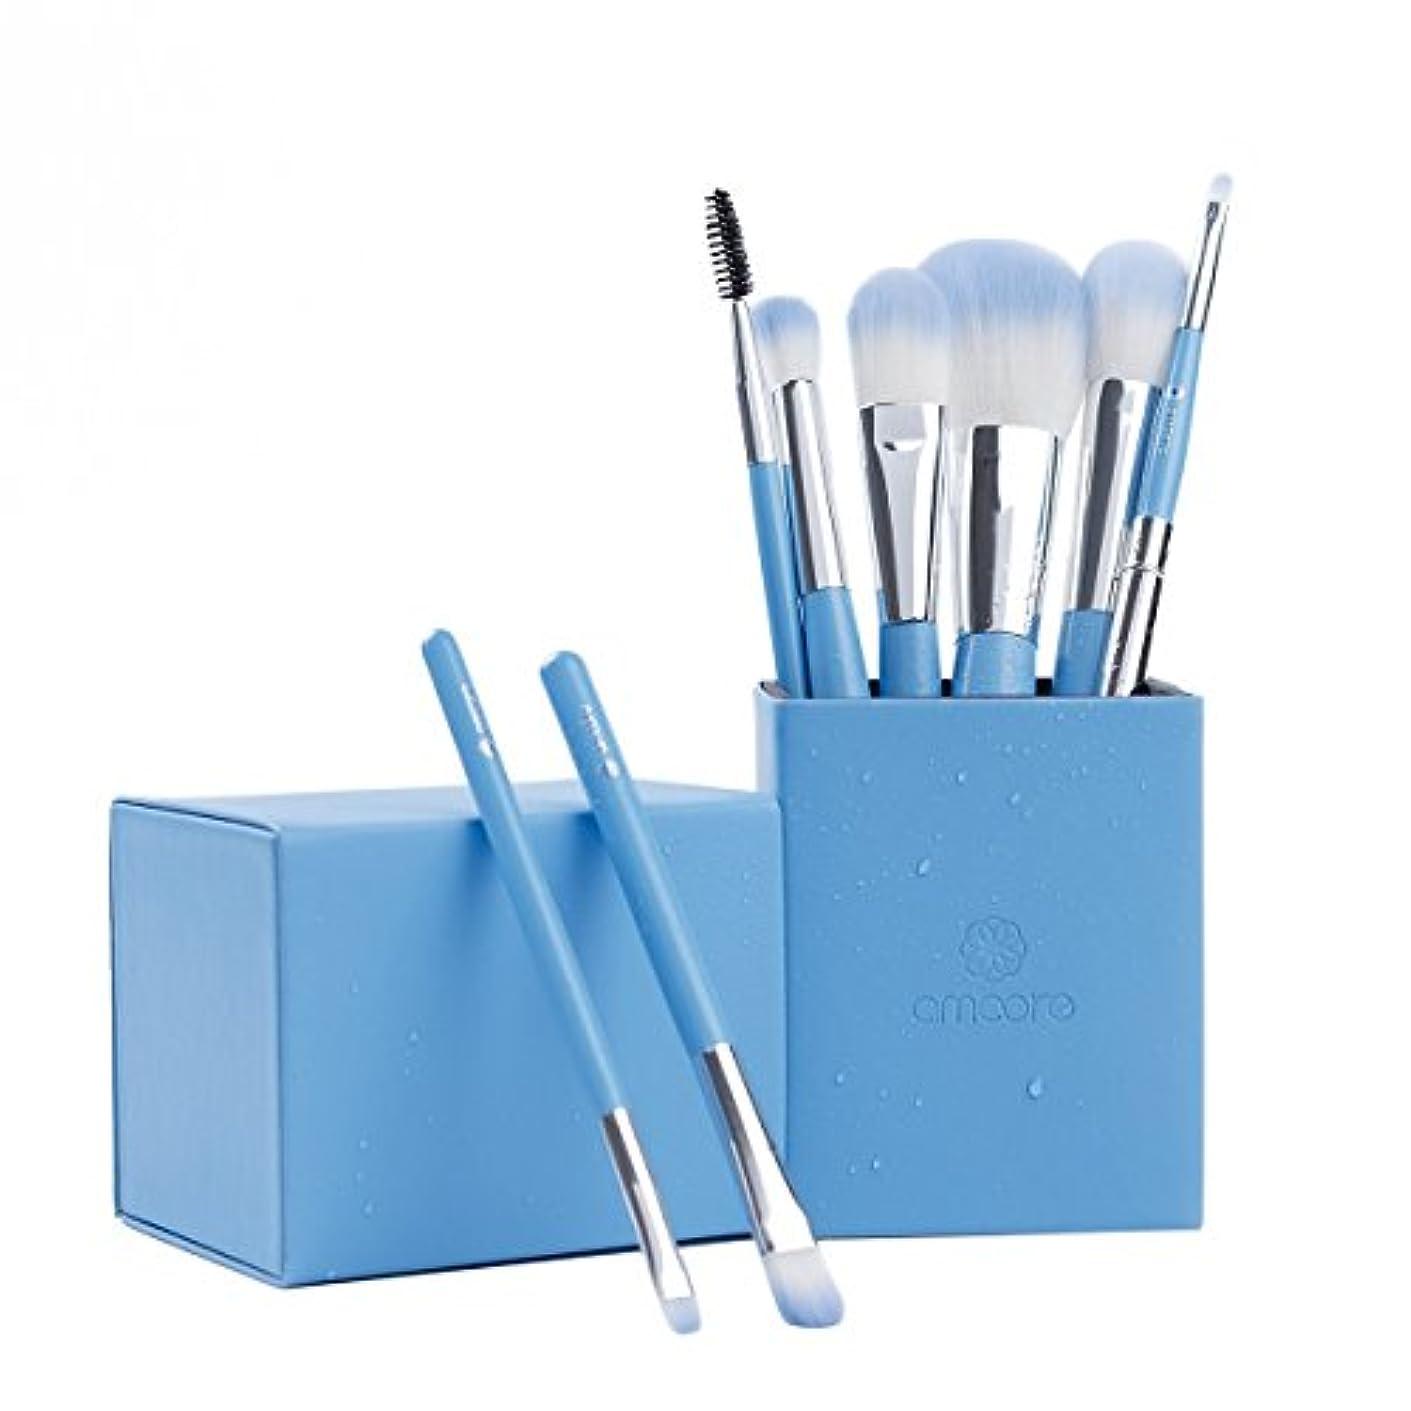 ルーチン自動的に二週間amoore 化粧筆 メイクブラシセット 化粧ブラシ セット コスメ ブラシ 収納ケース付き (8本, 水色)